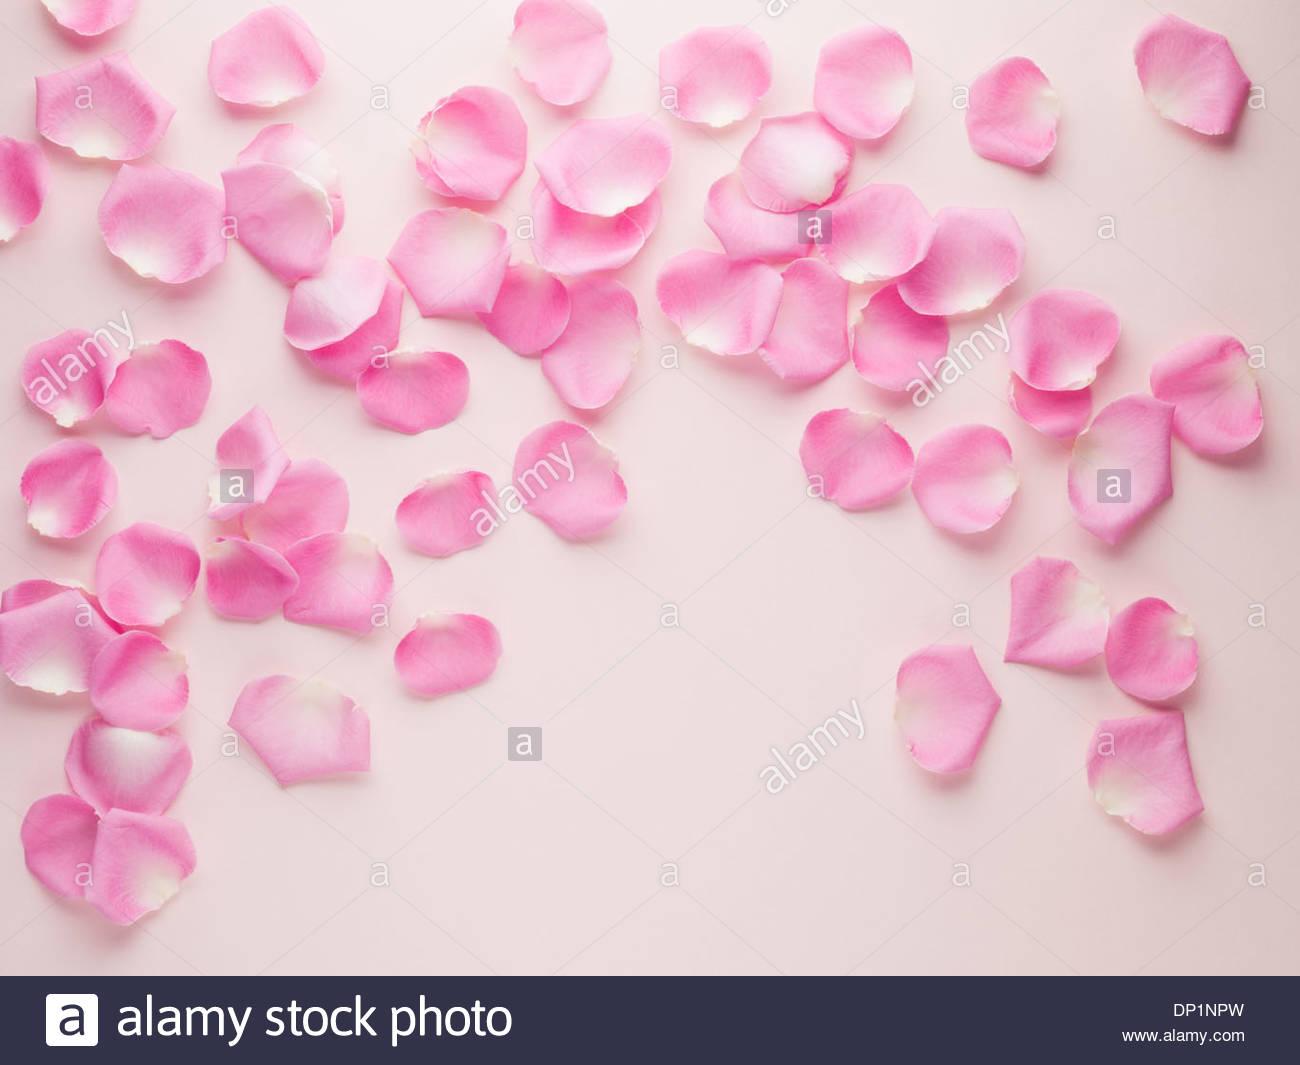 Pink rose petals - Stock Image